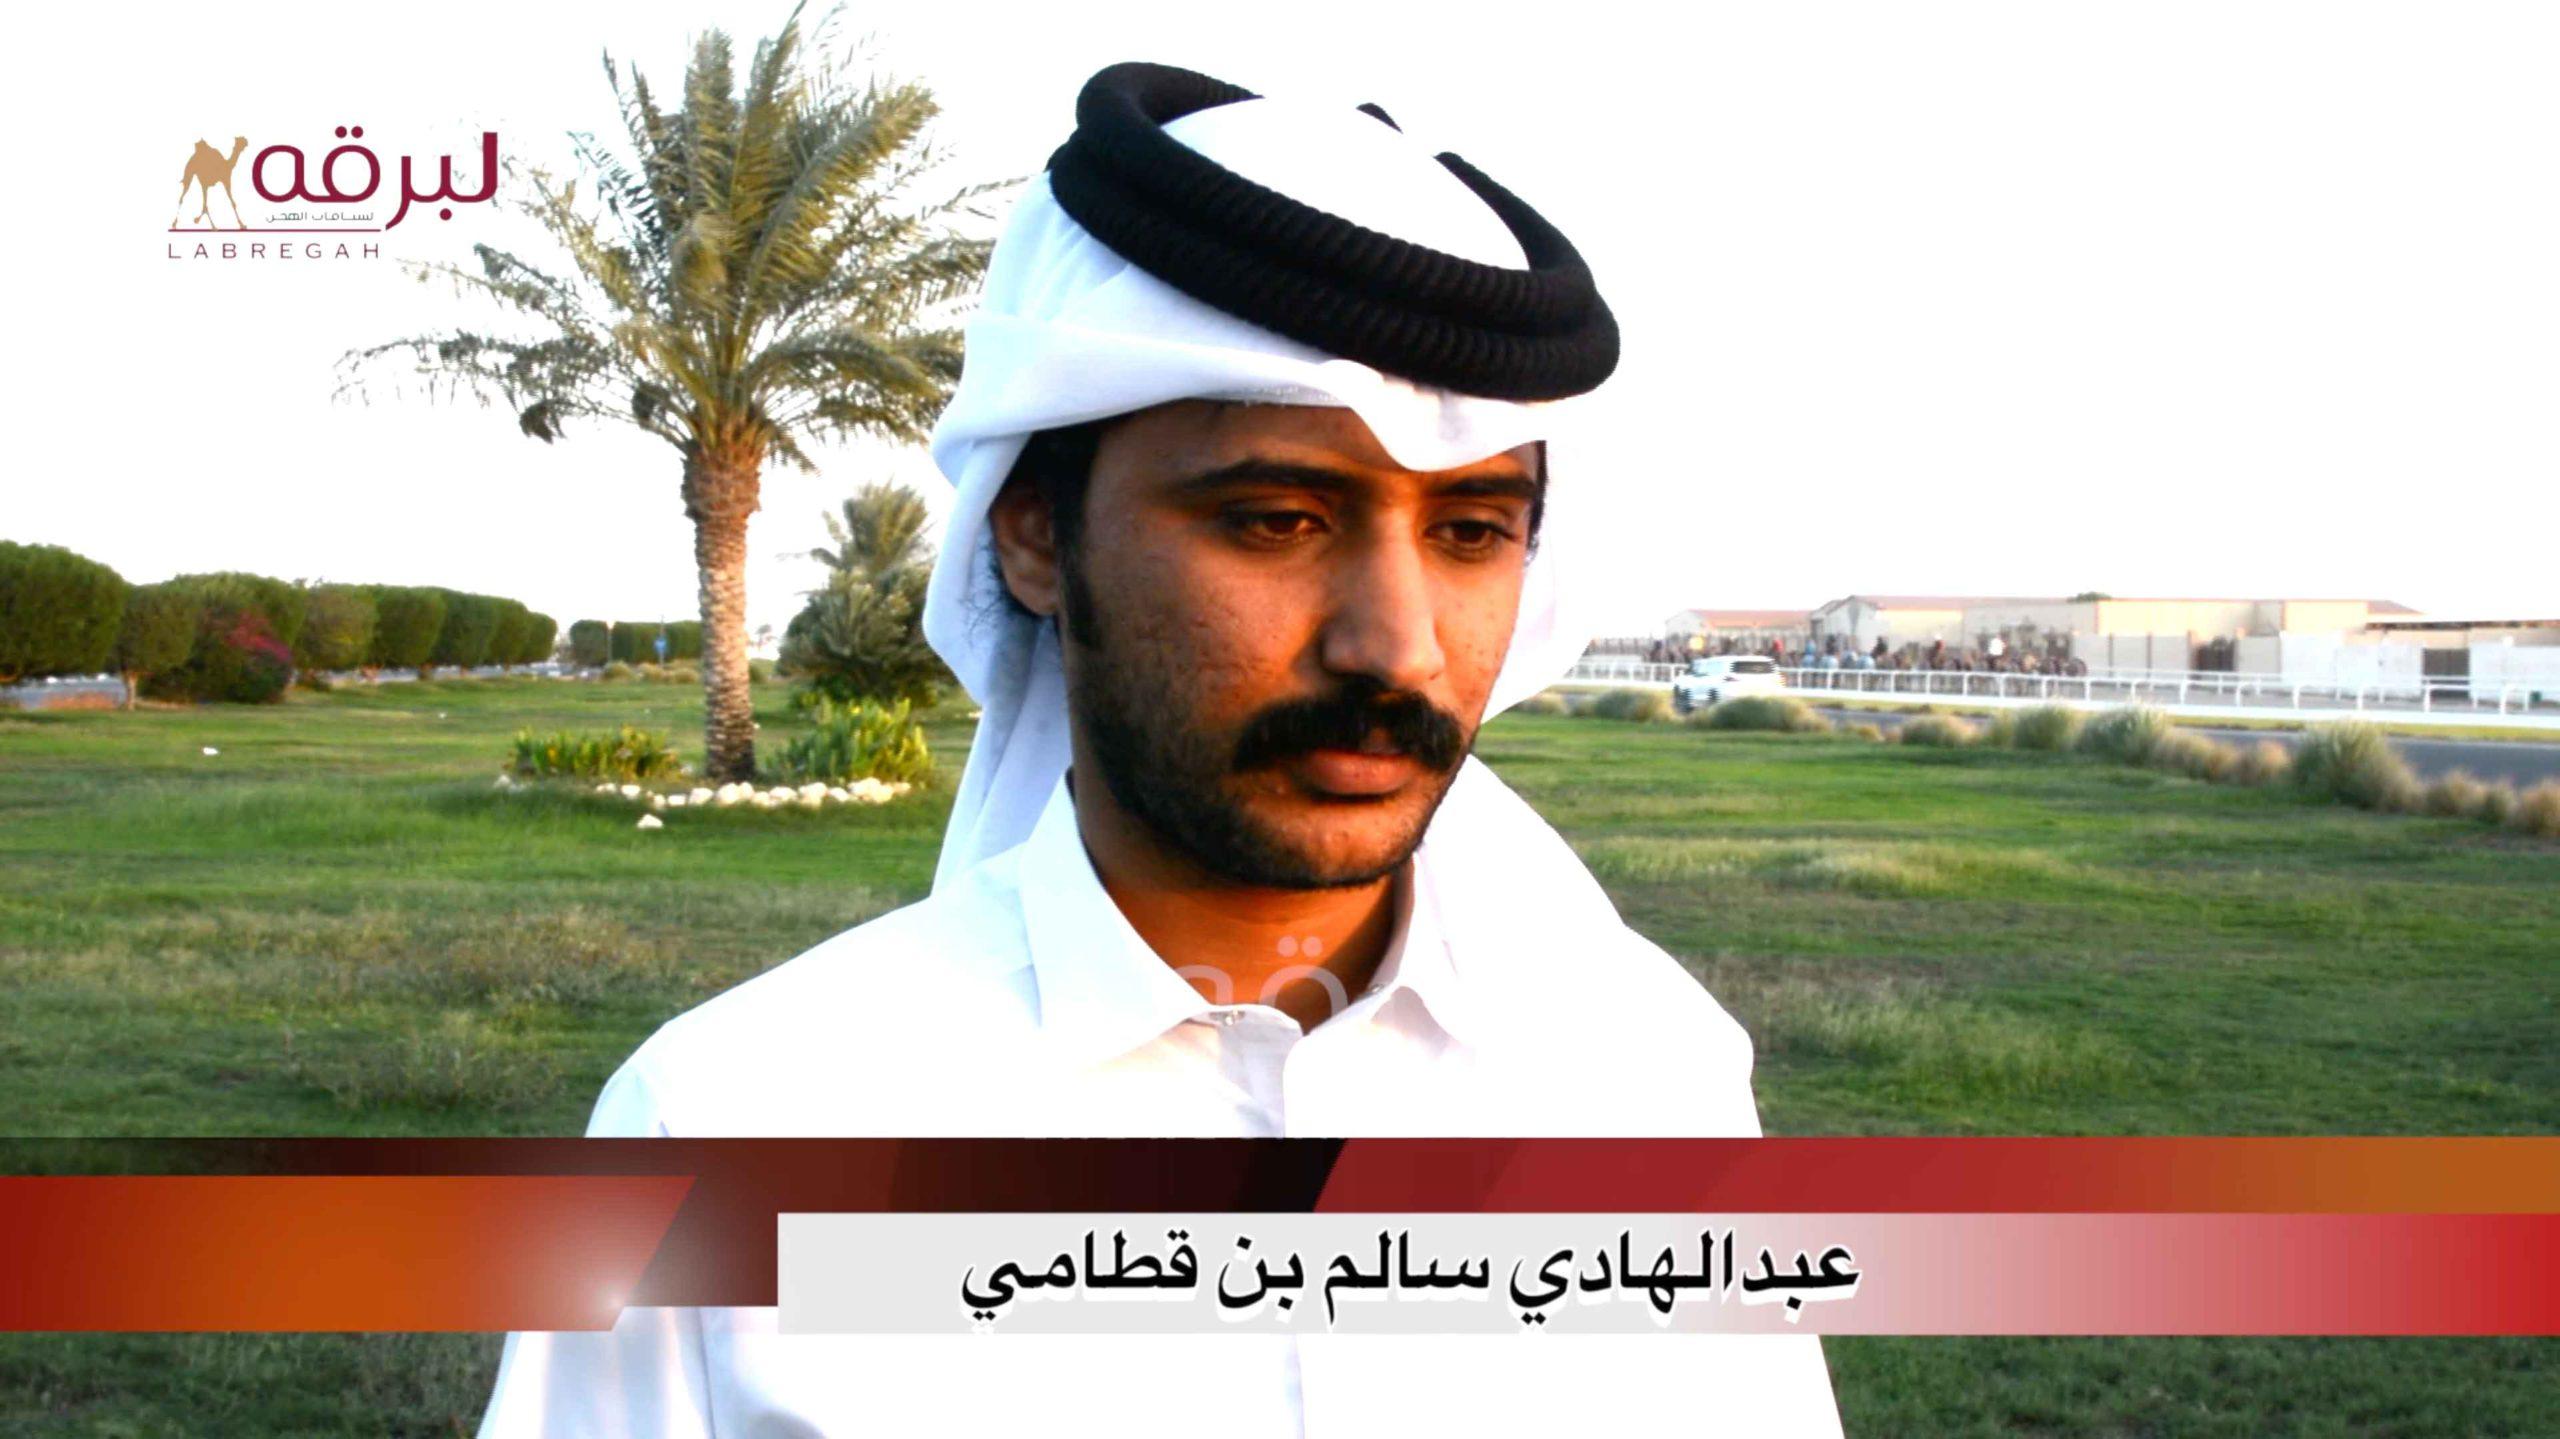 لقاء مع عبدالهادي سالم بن قطامي.. الشوط الرئيسي للحقايق قعدان إنتاج الأشواط العامة ٨-١٠-٢٠٢٠